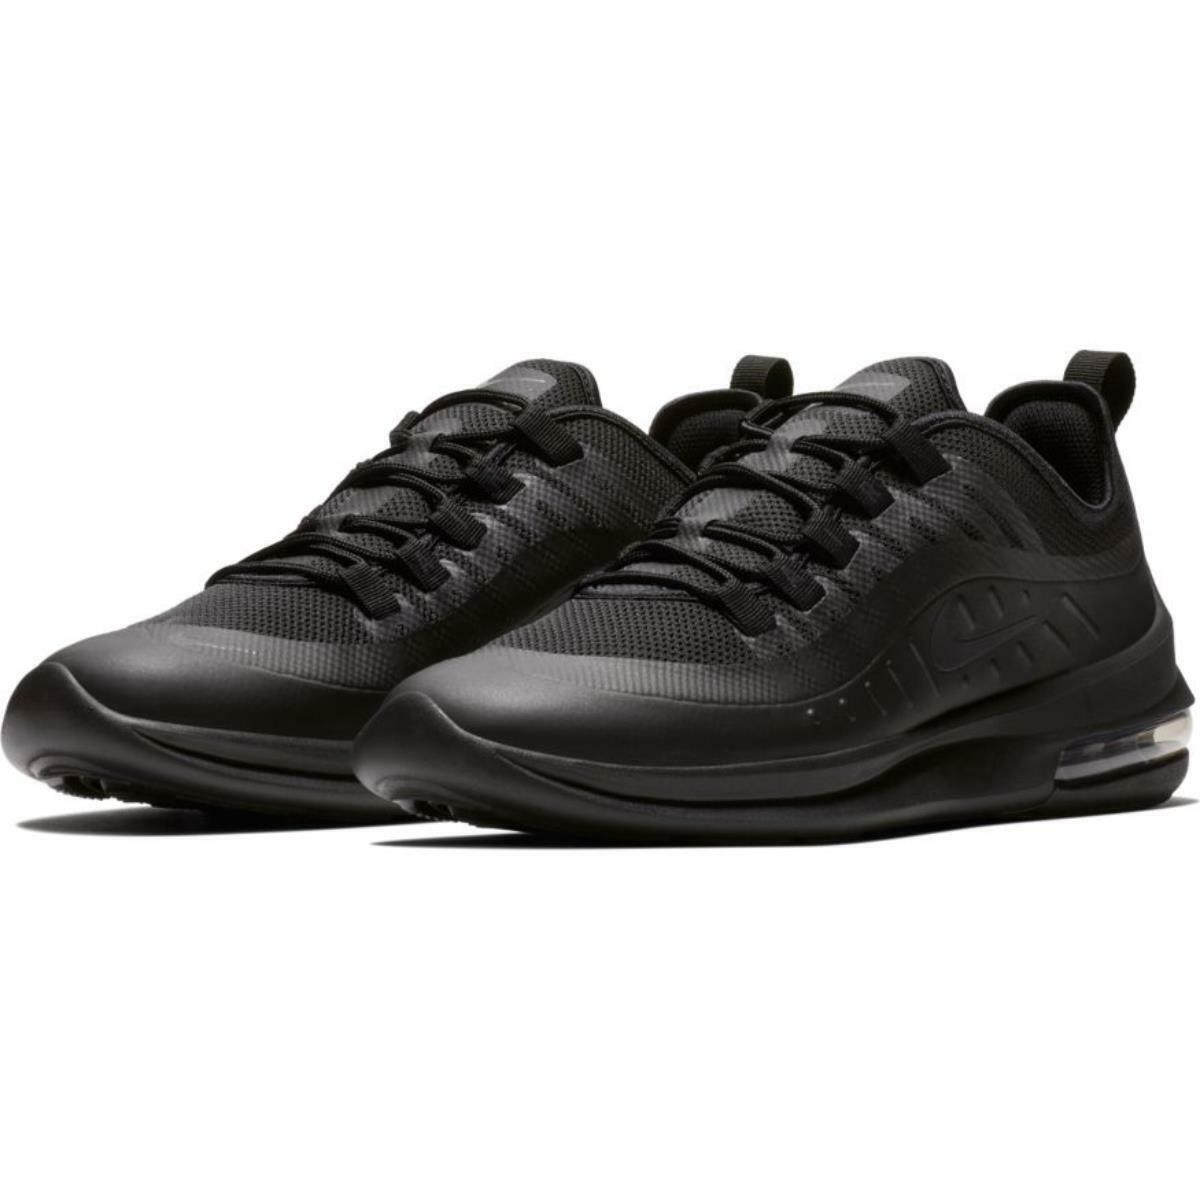 shoes NIKE HOMME FEMME GARÇON FILLE AIR AIR AIR MAX JORDAN - AIR FORCE- ROSHE RUN b934a6